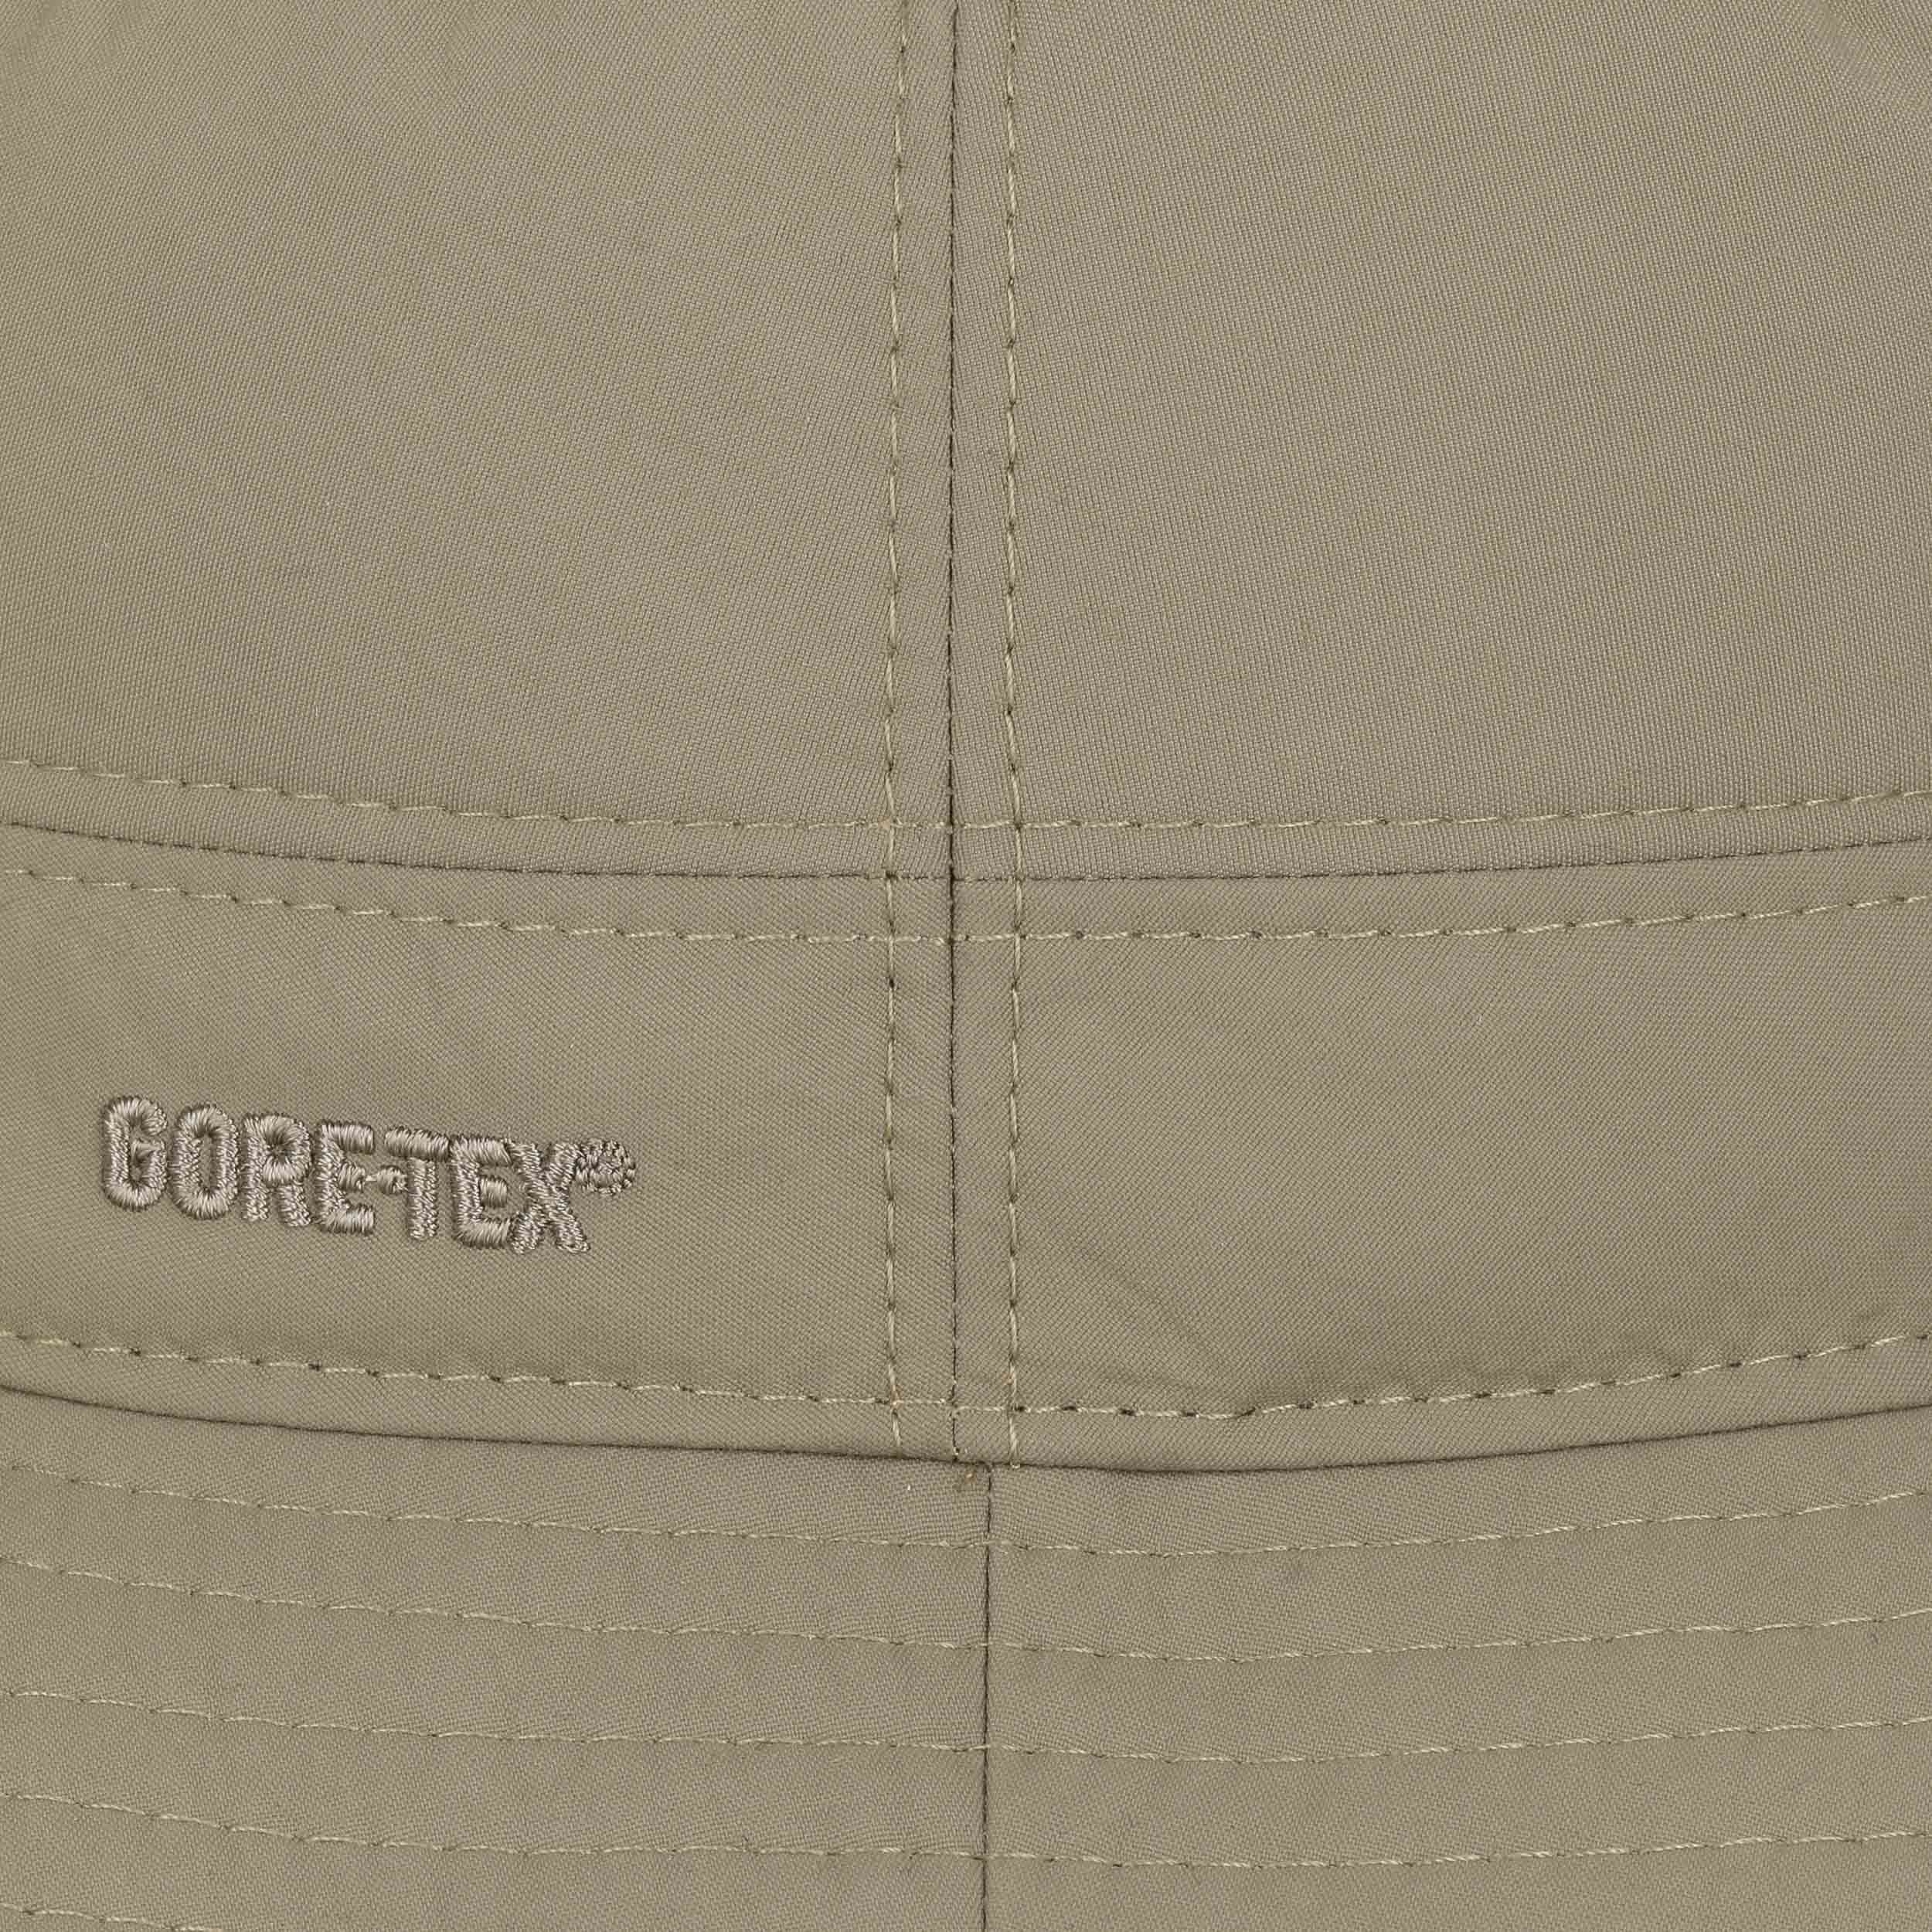 8e53c5128ea ... Gore-Tex Bucket Rain Hat by Lierys - navy 4 ...